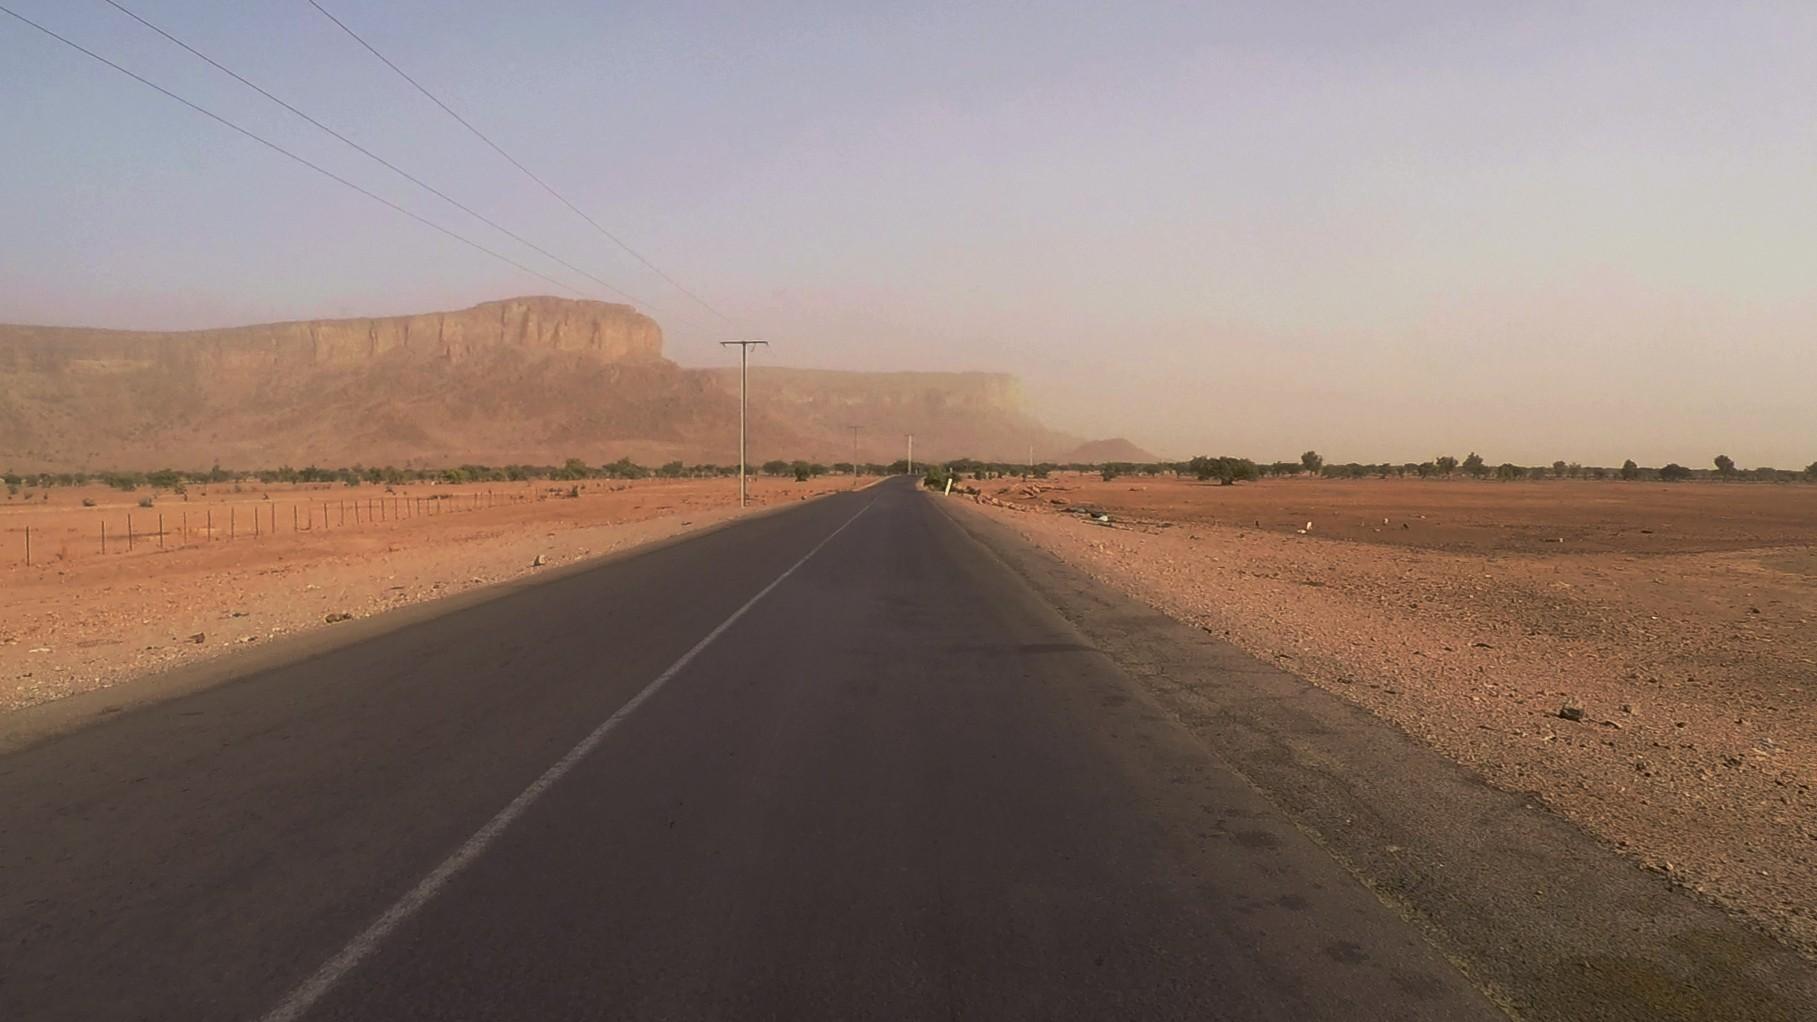 paisaje mauritania pablocaminante - Mauritania 4/5, Nouakchott a Gogui